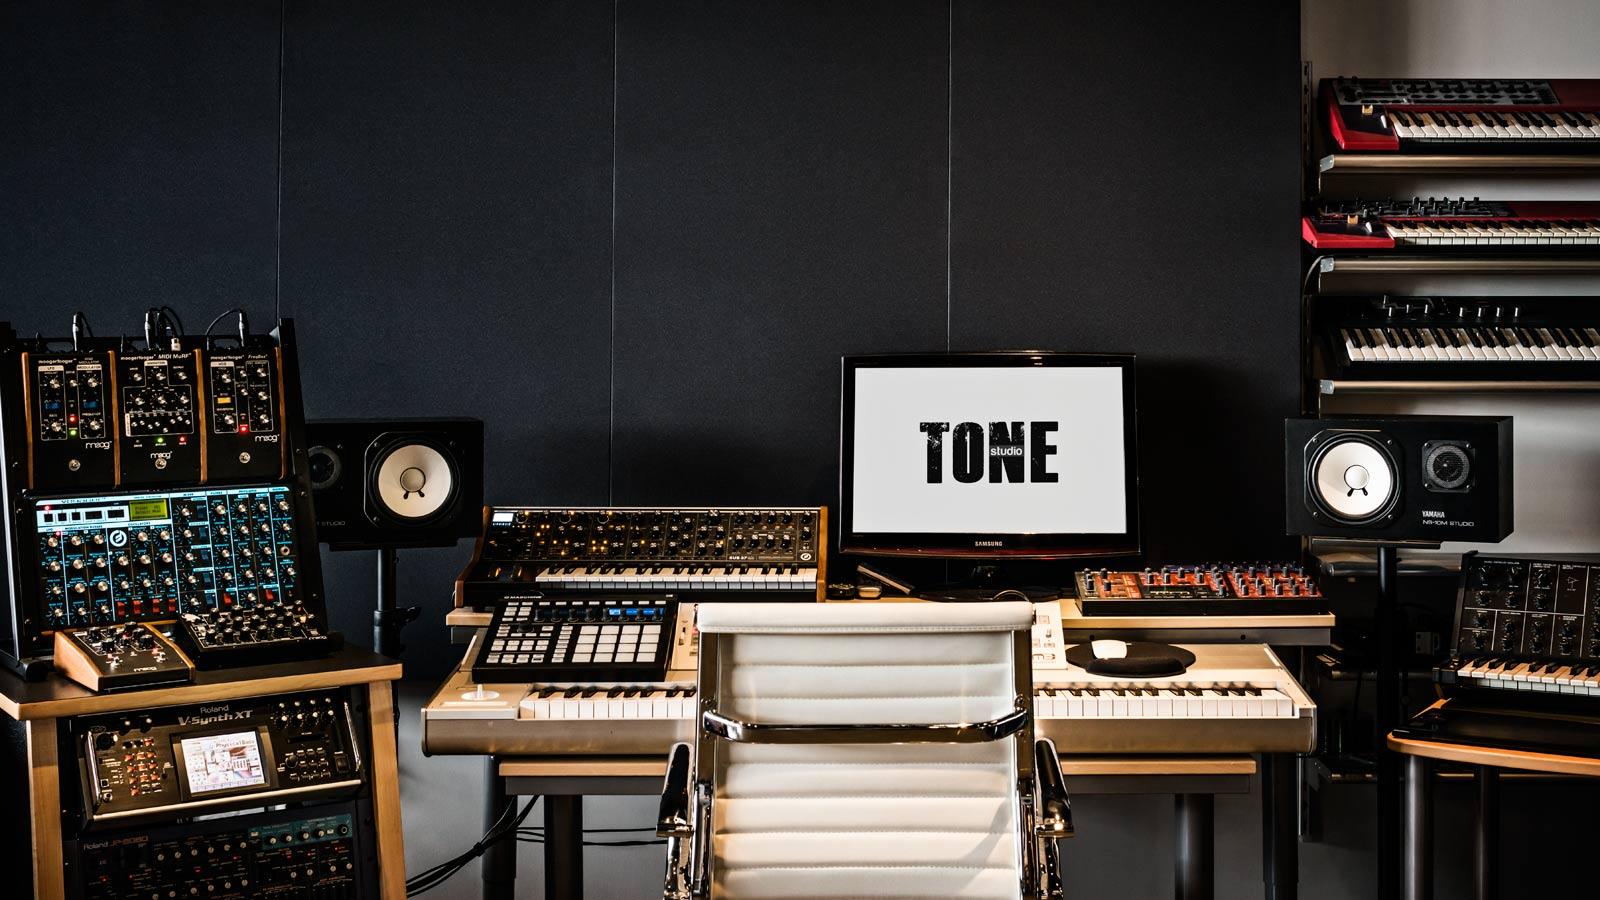 tone3